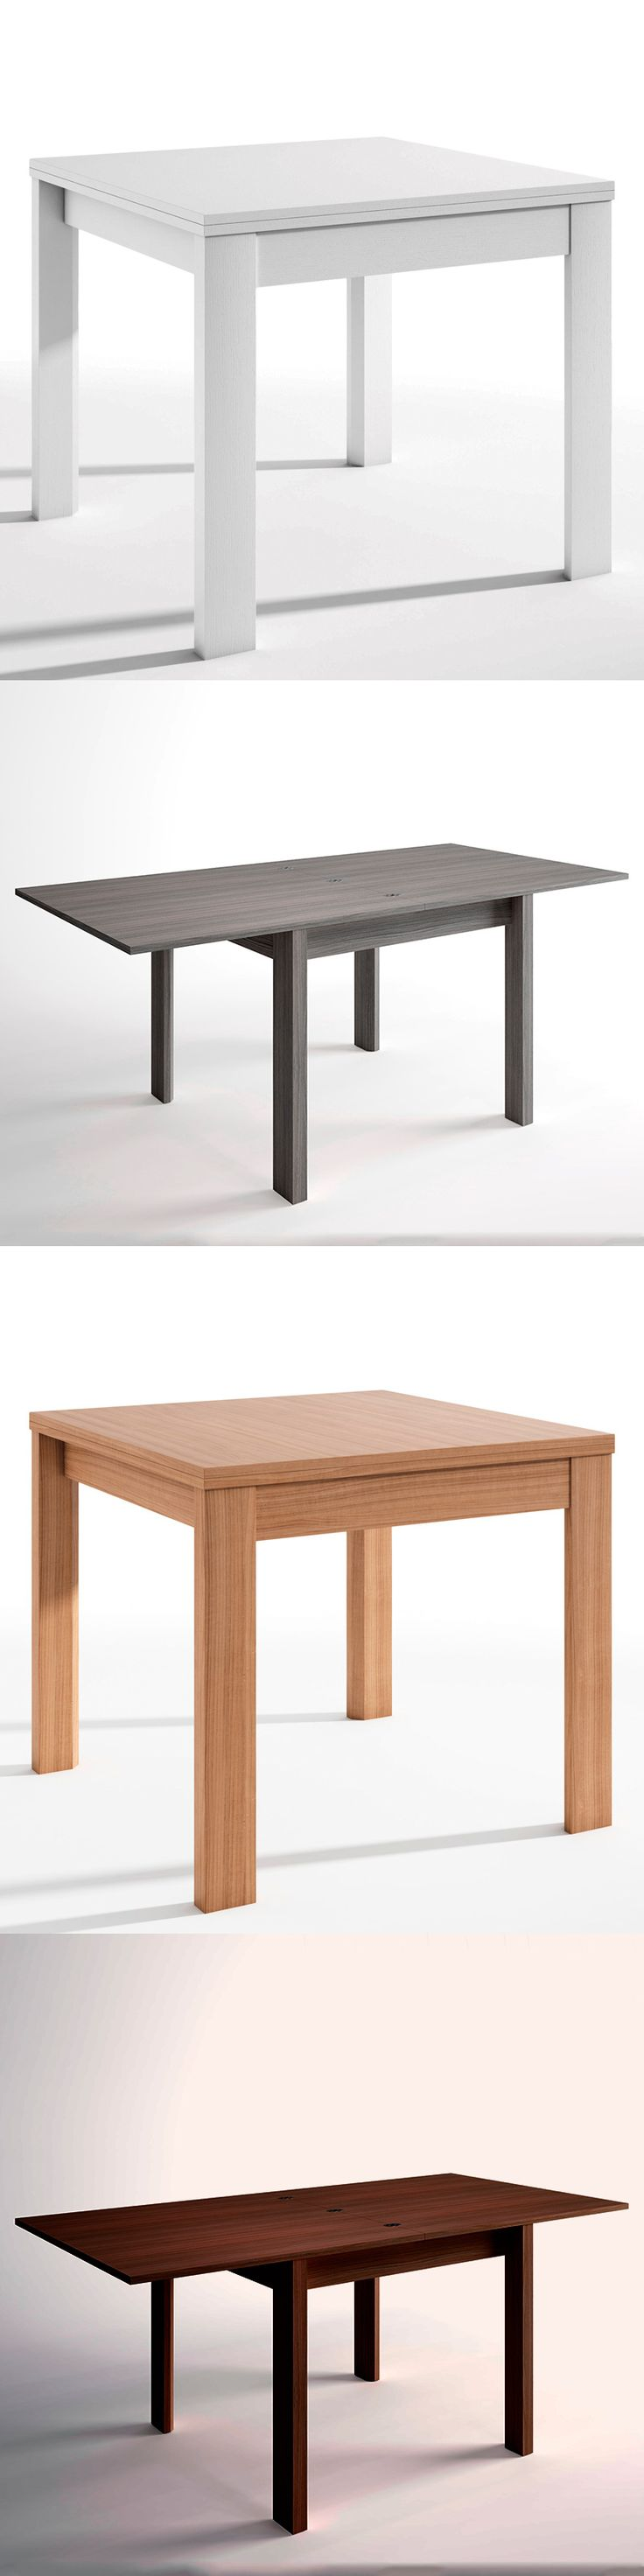 Mesa extensible Trend con extensión hasta el doble de su tamaño | 121.70€